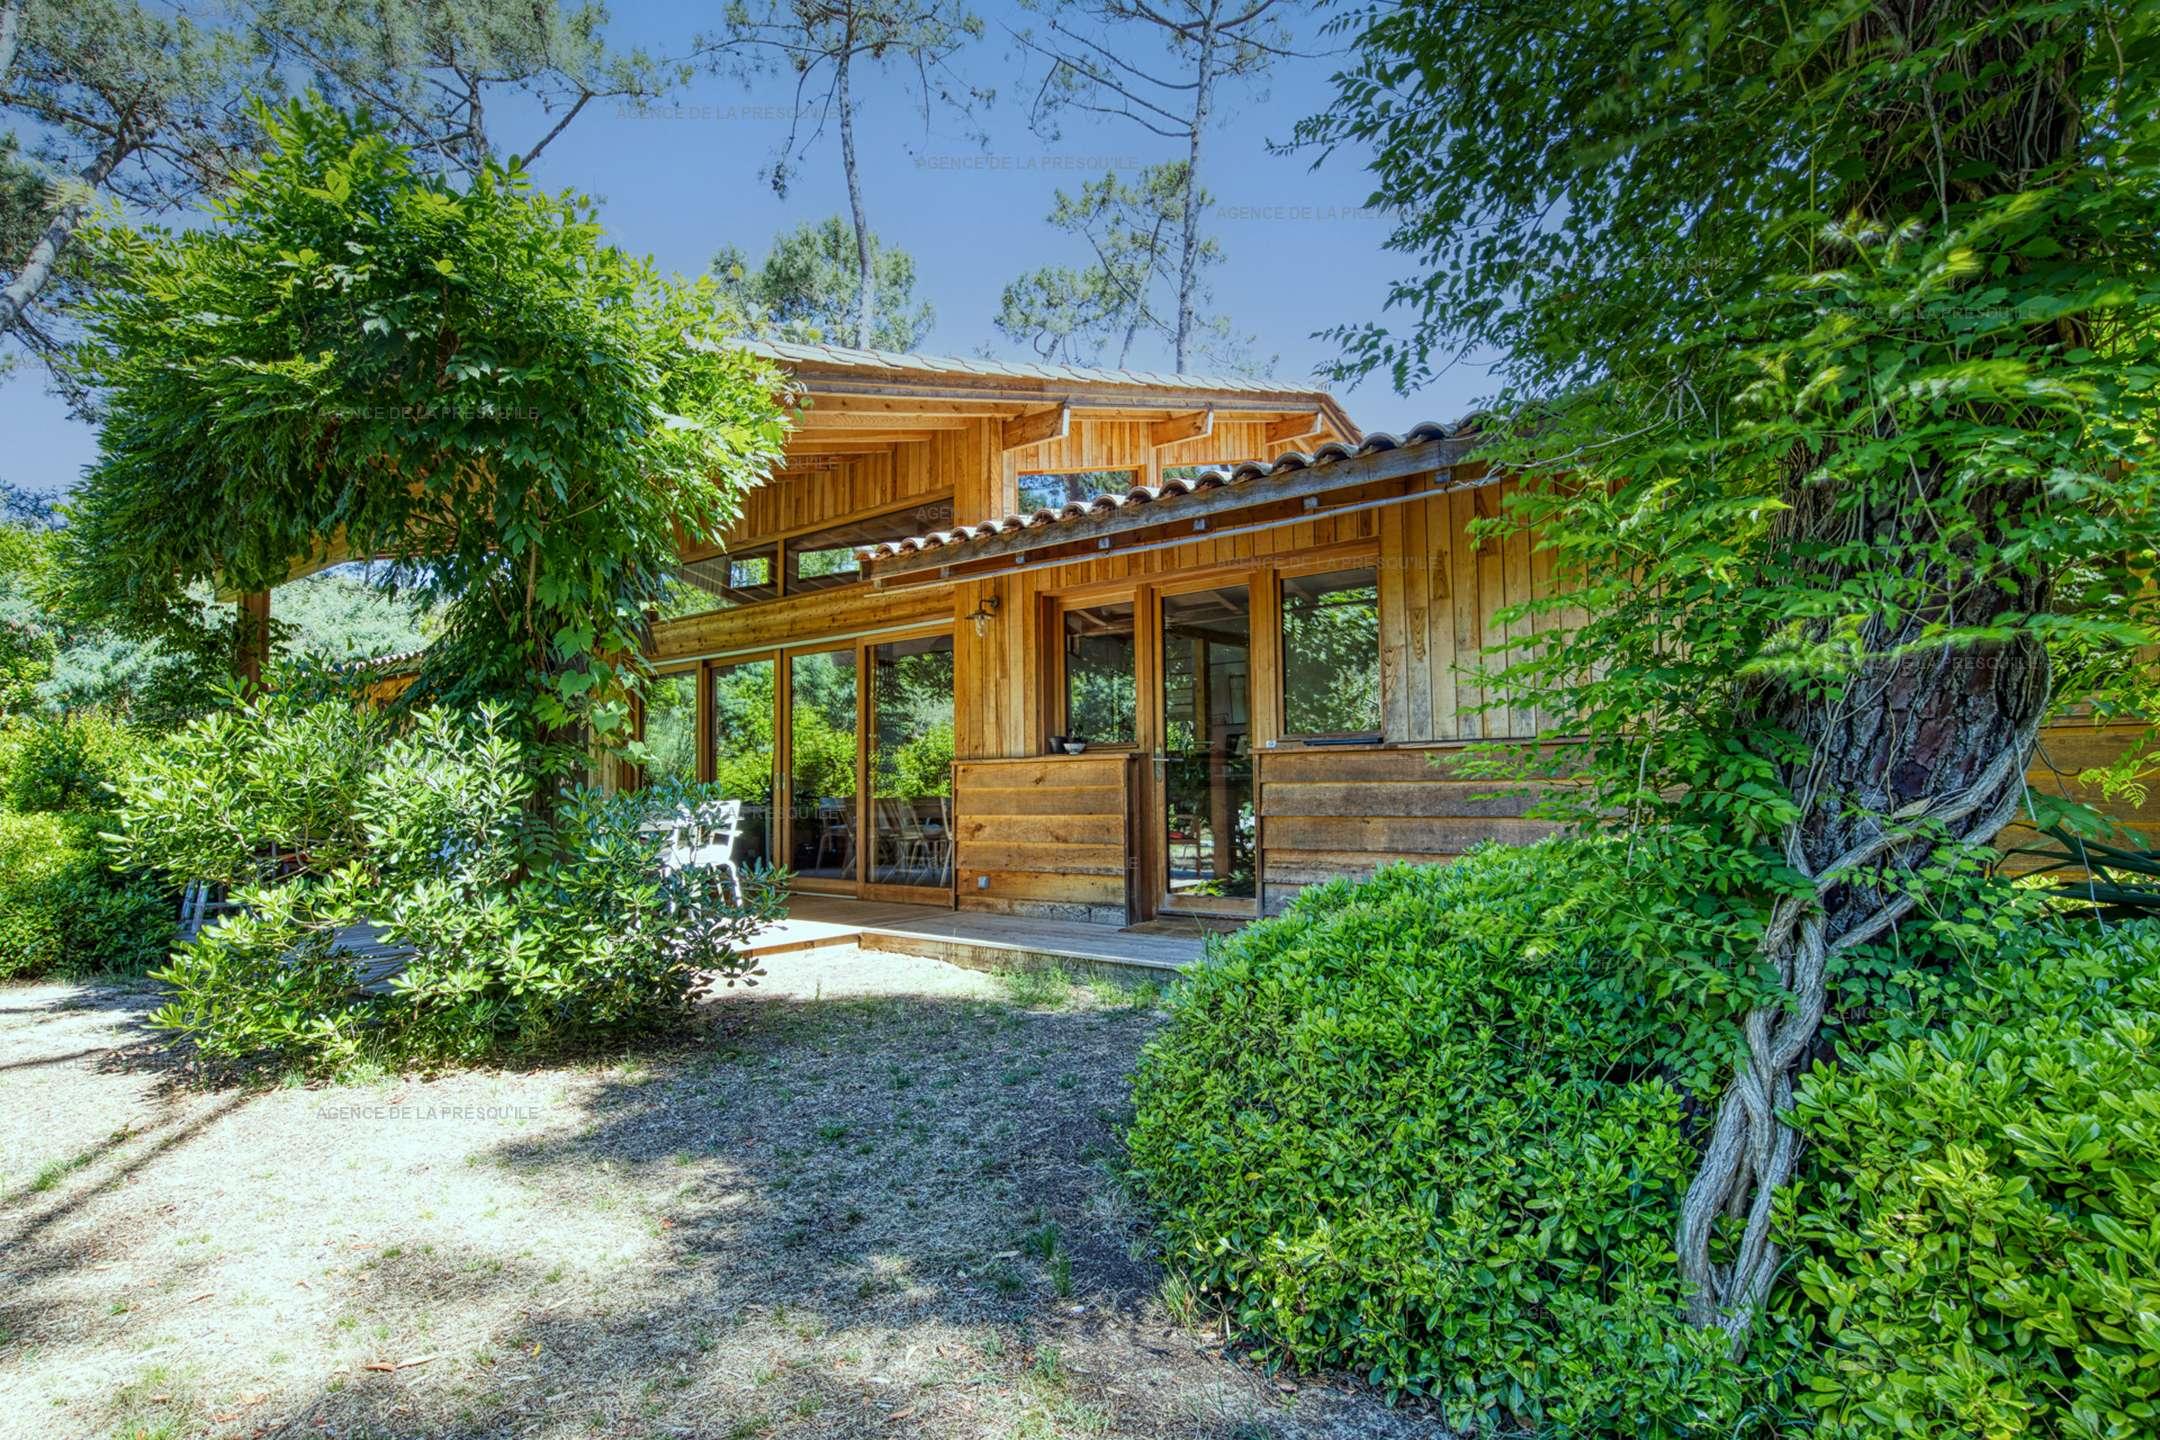 Location: Charmante villa neuve en bois aux 44 hectares 2